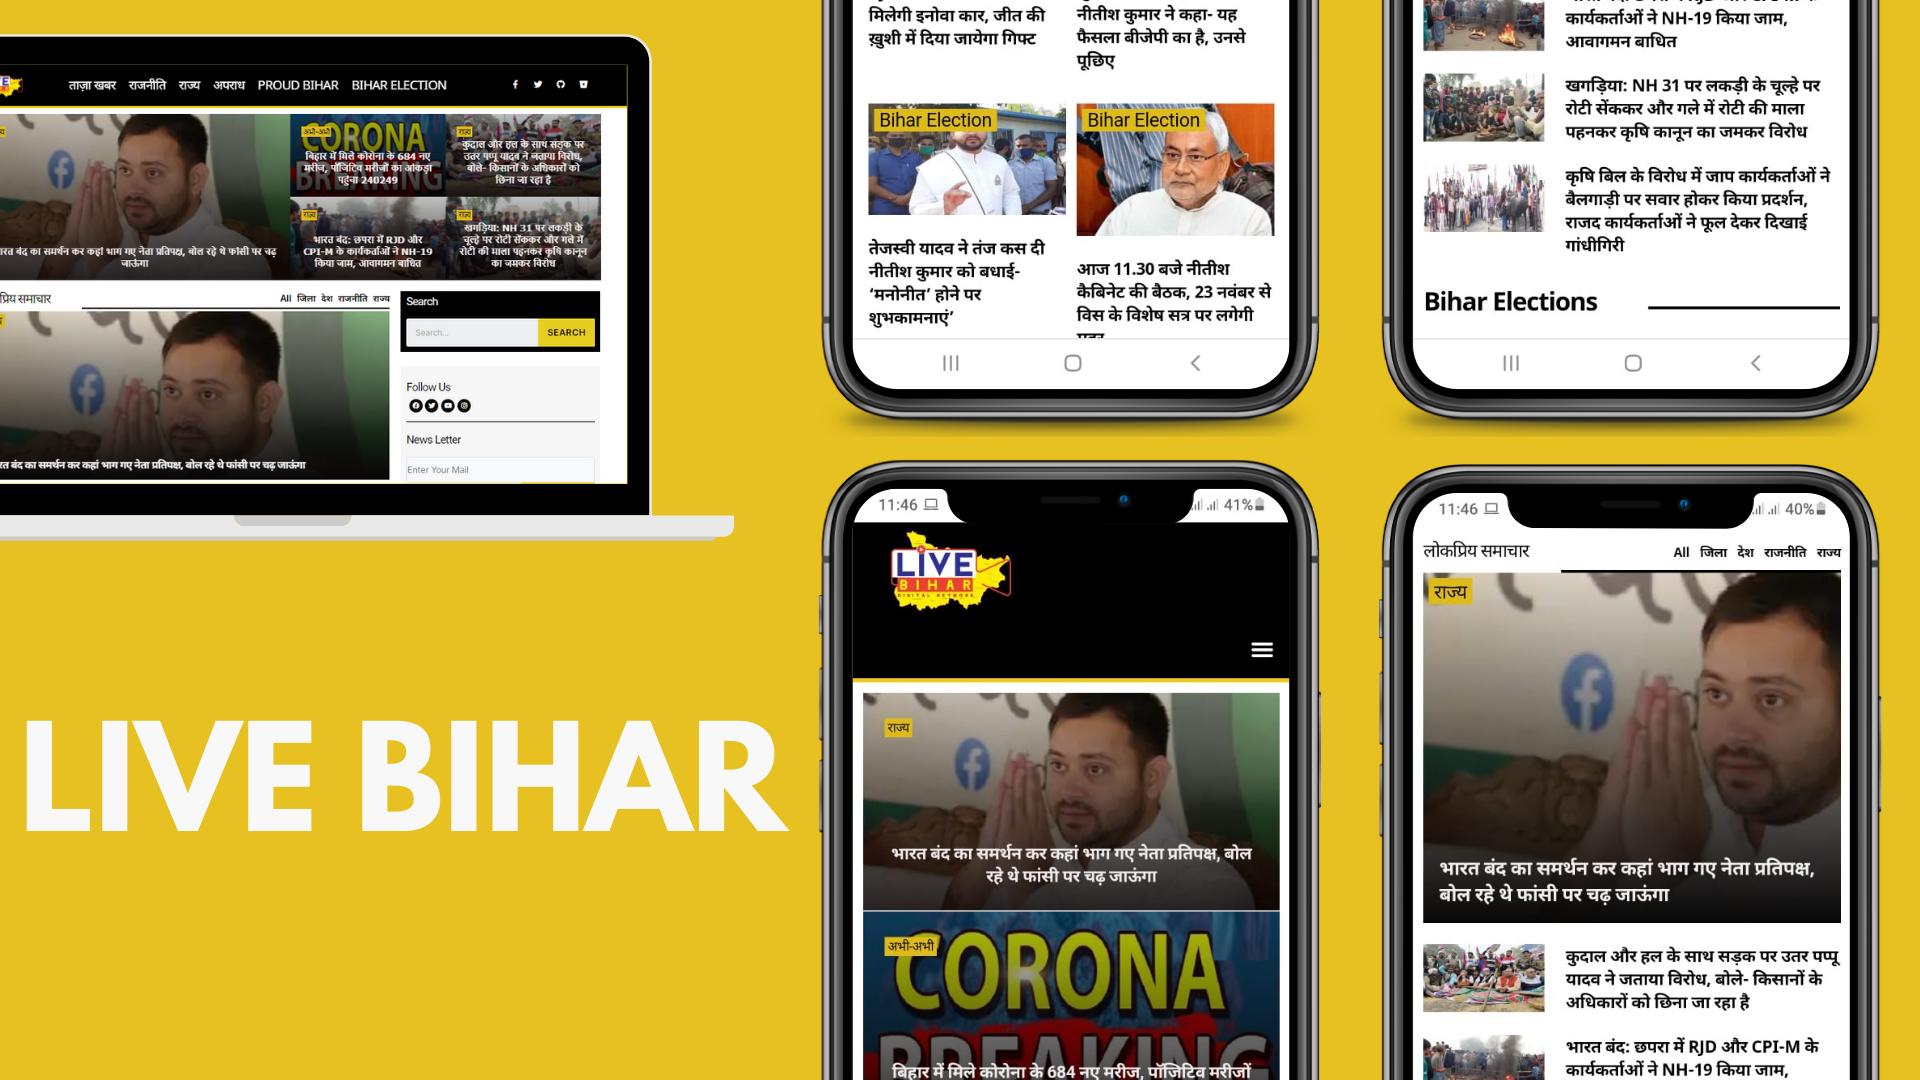 Live Bihar